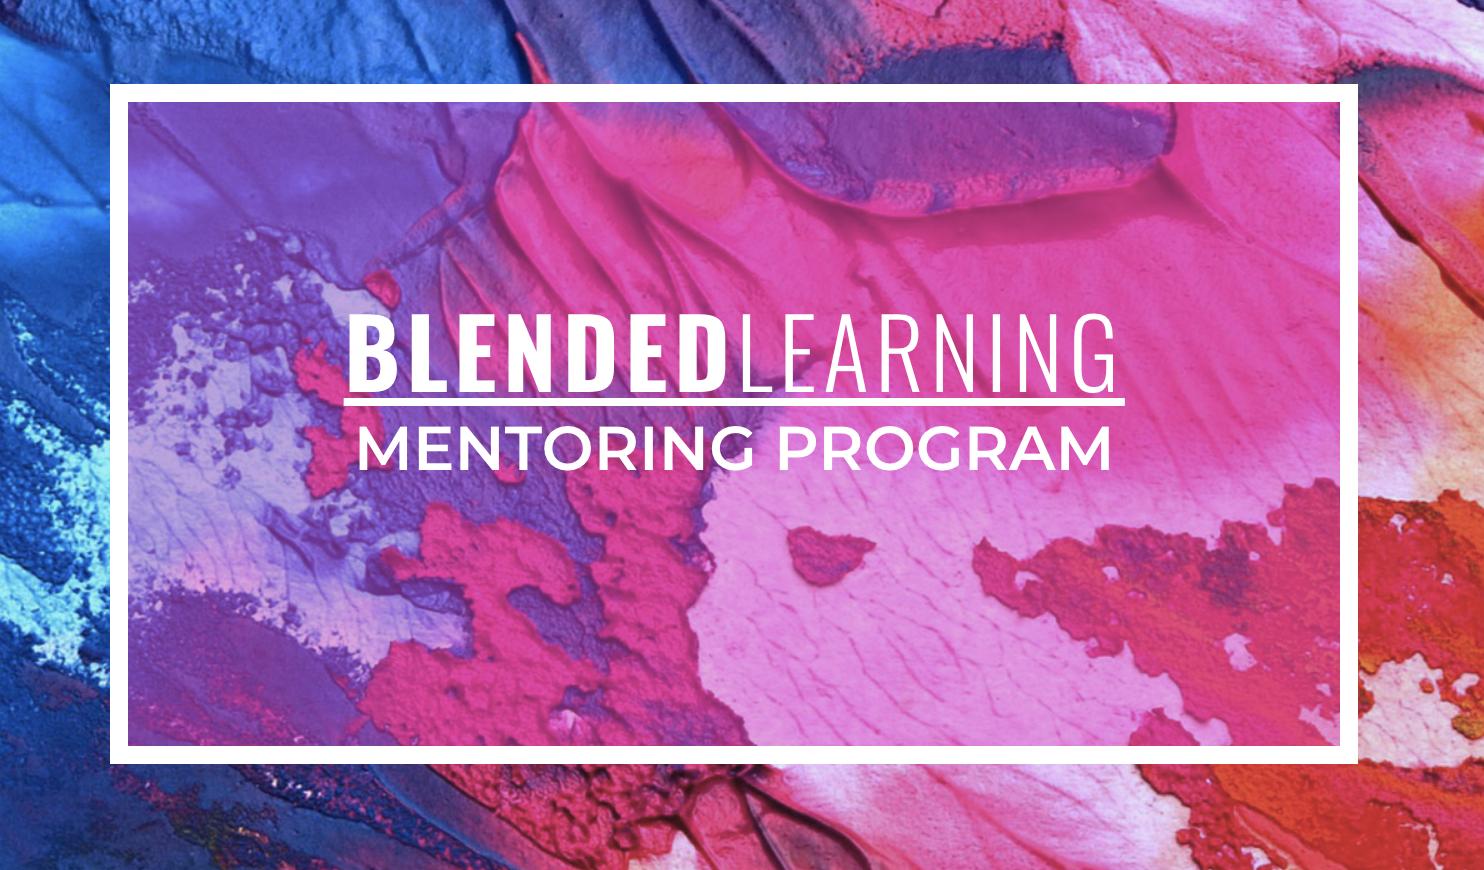 Blended Learning Mentoring Program